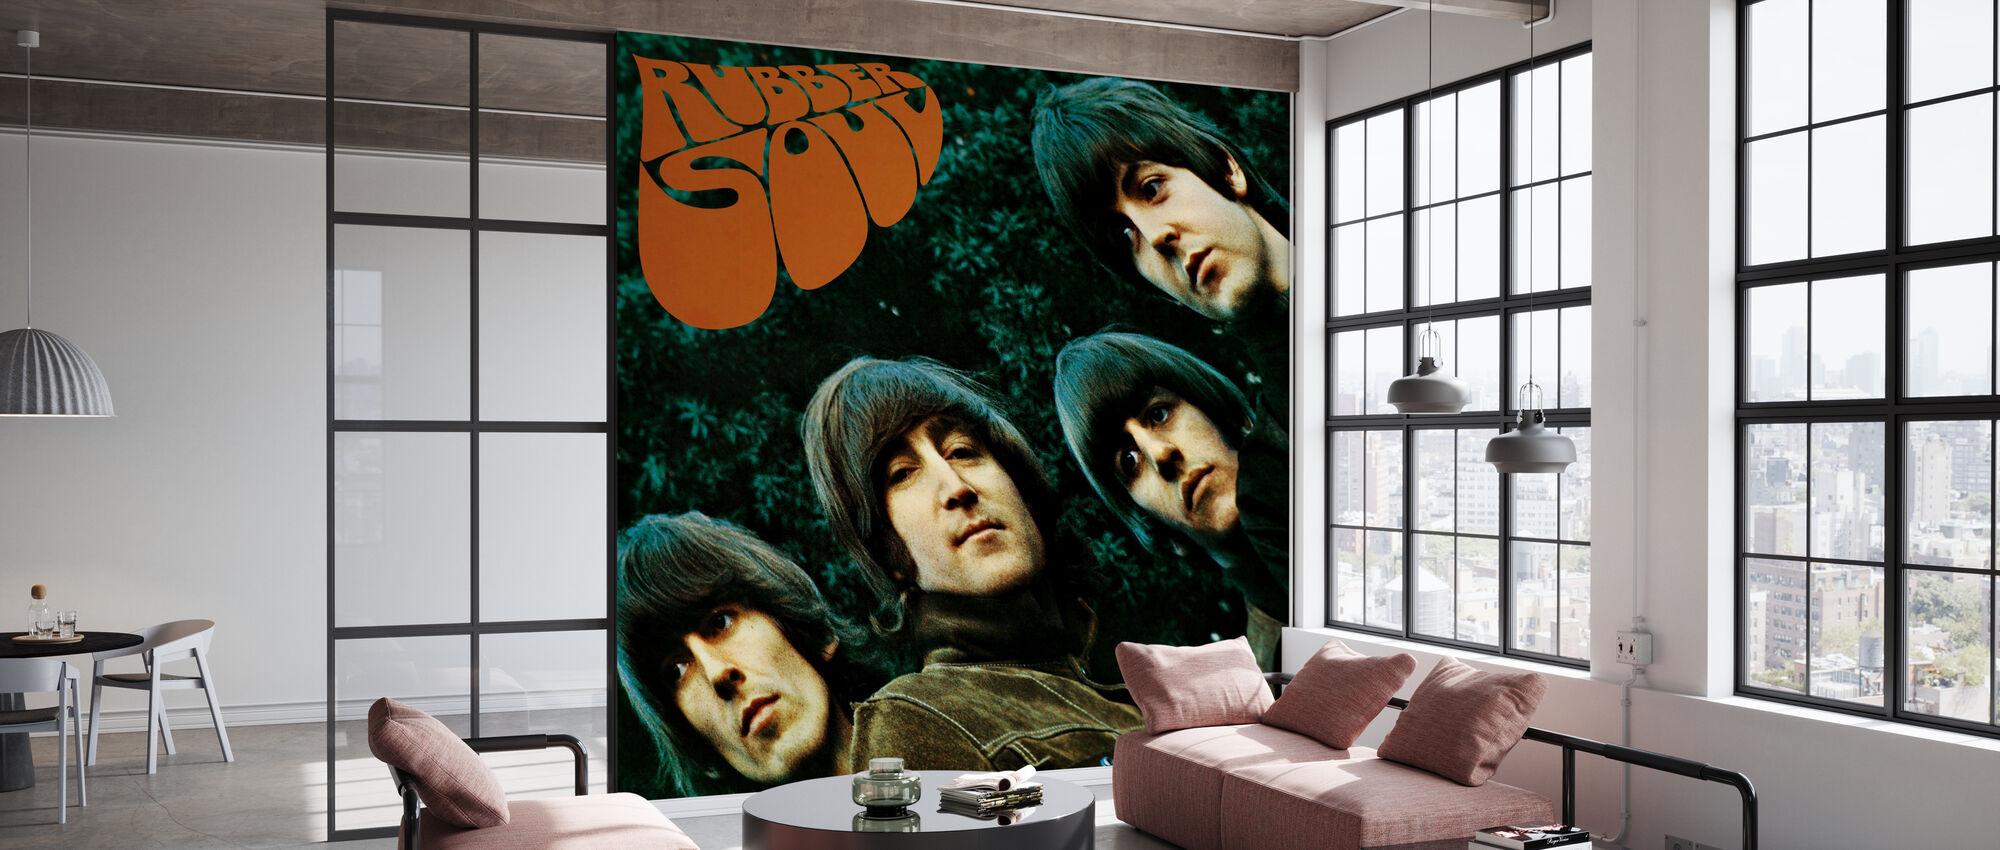 Beatles - Rubber Soul - Papier peint - Bureau